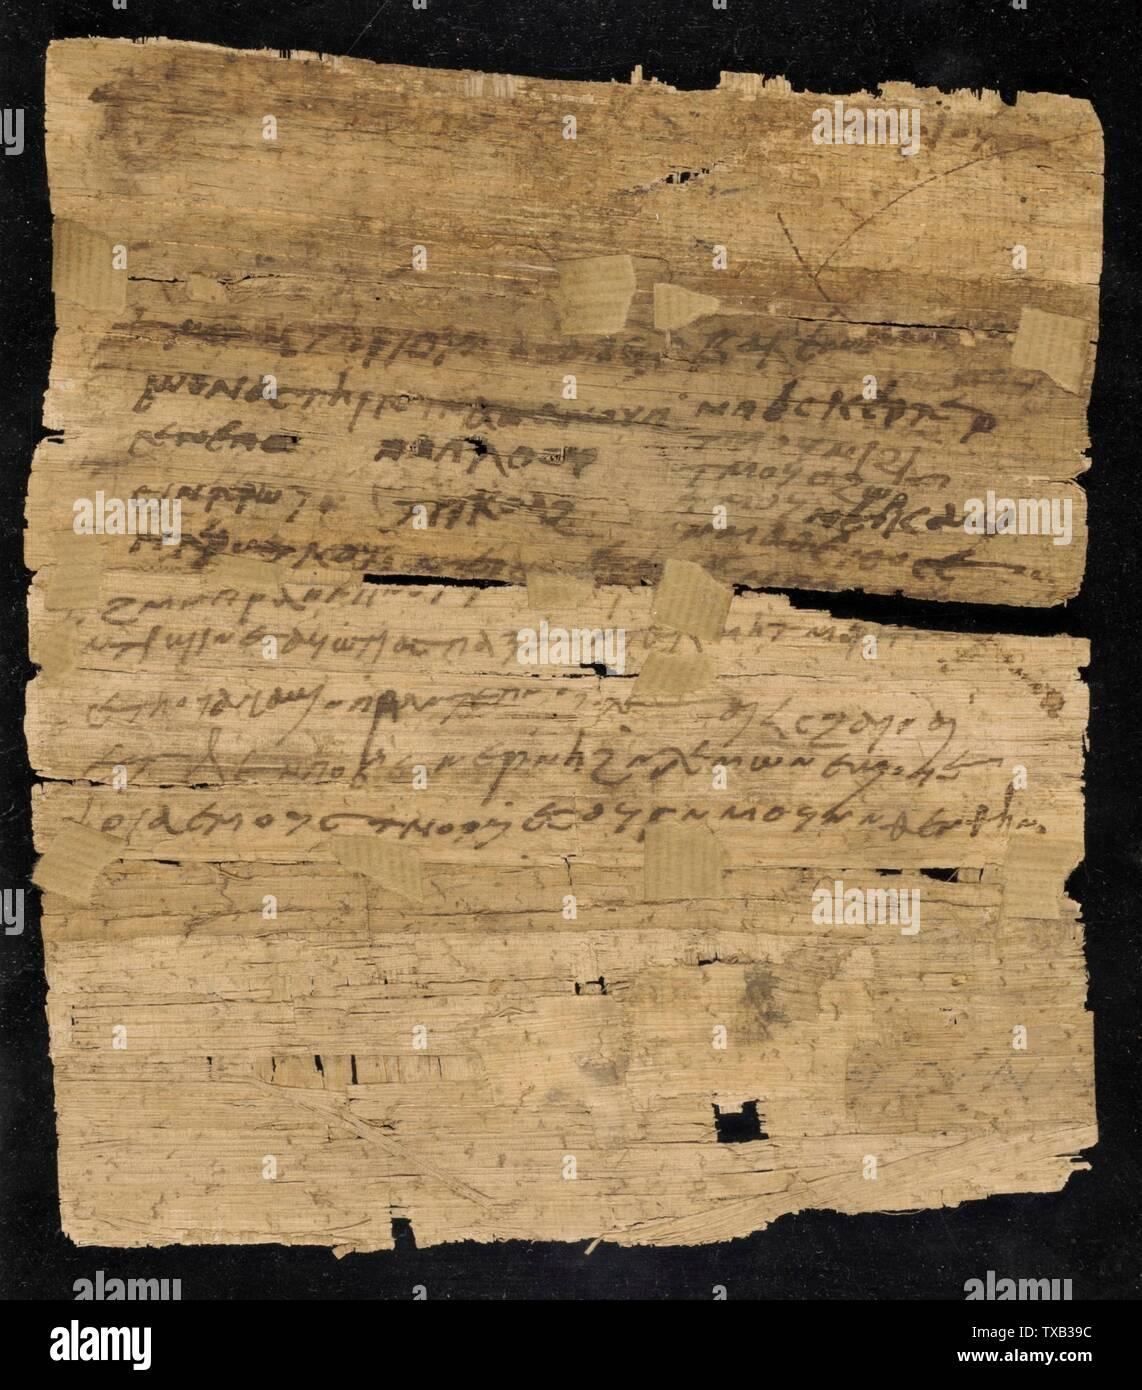 'Page de manuscrit copte (image 1 de 2); Anglais: Égypte, 4ème - 5ème siècle ce manuscrits sur papyrus d'encre Don de William H. Schuchardt (M.48.12); l'art égyptien, 4ème - 5ème siècle de notre ère; ' Photo Stock